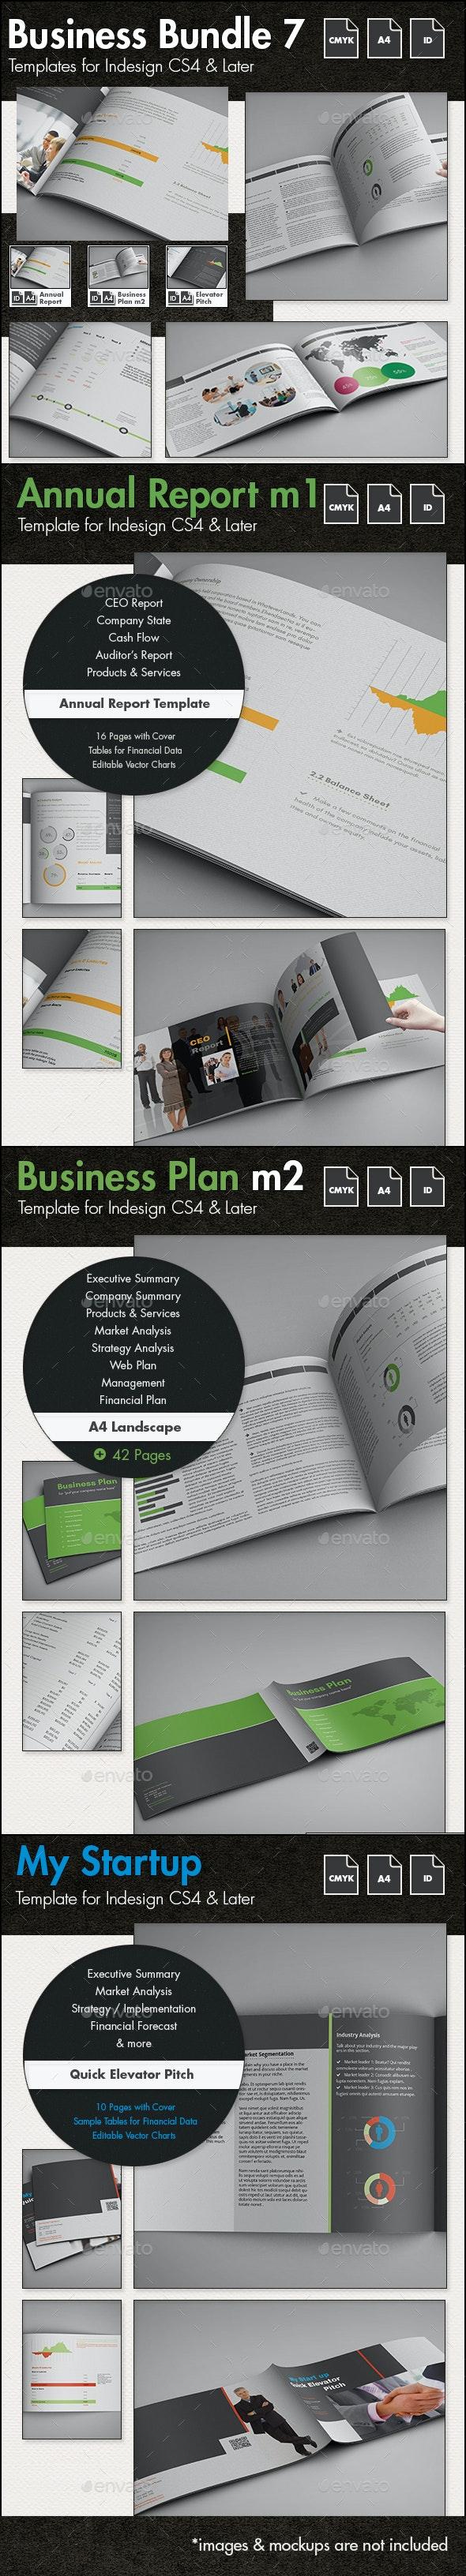 Business Templates Bundle 7 - A4 Landscape - Corporate Brochures